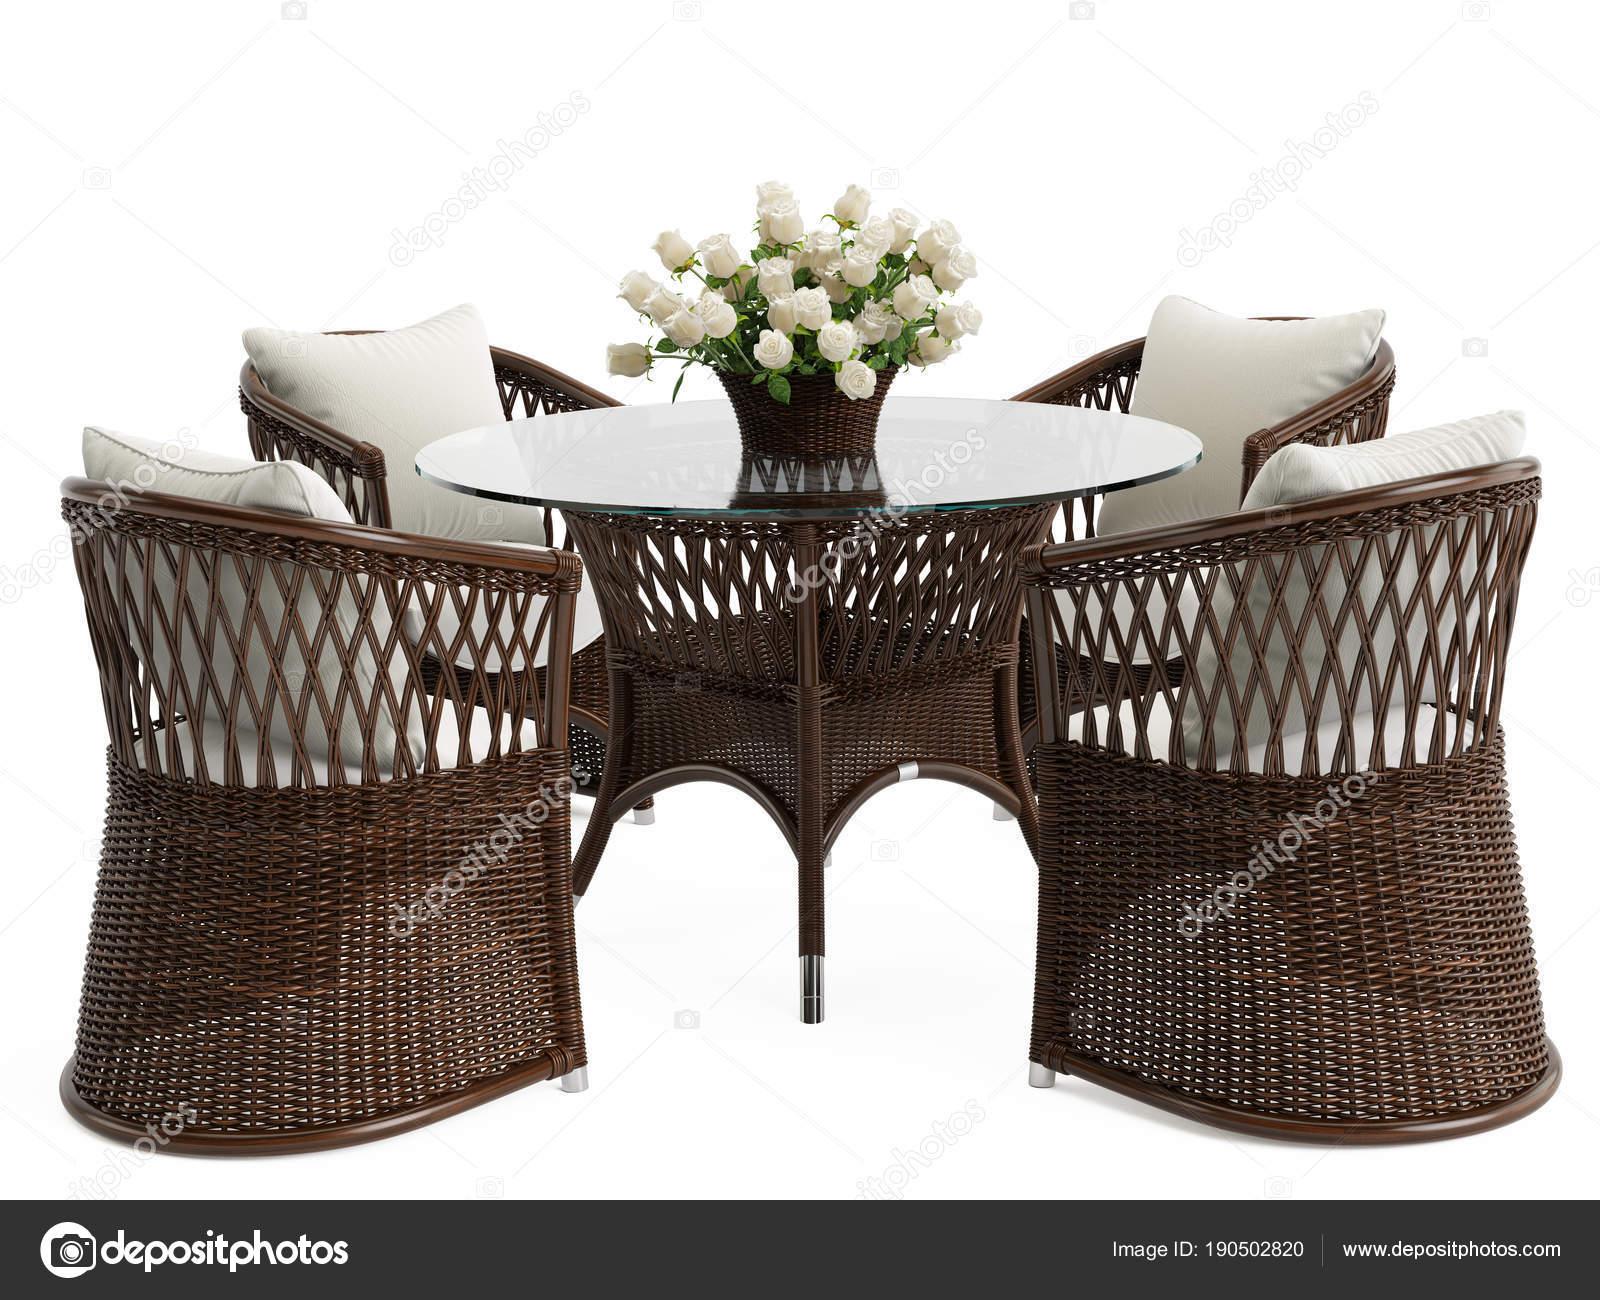 Garten Rattan Tisch Mit Blumenstrauß Isoliert Und Korbsessel Auf